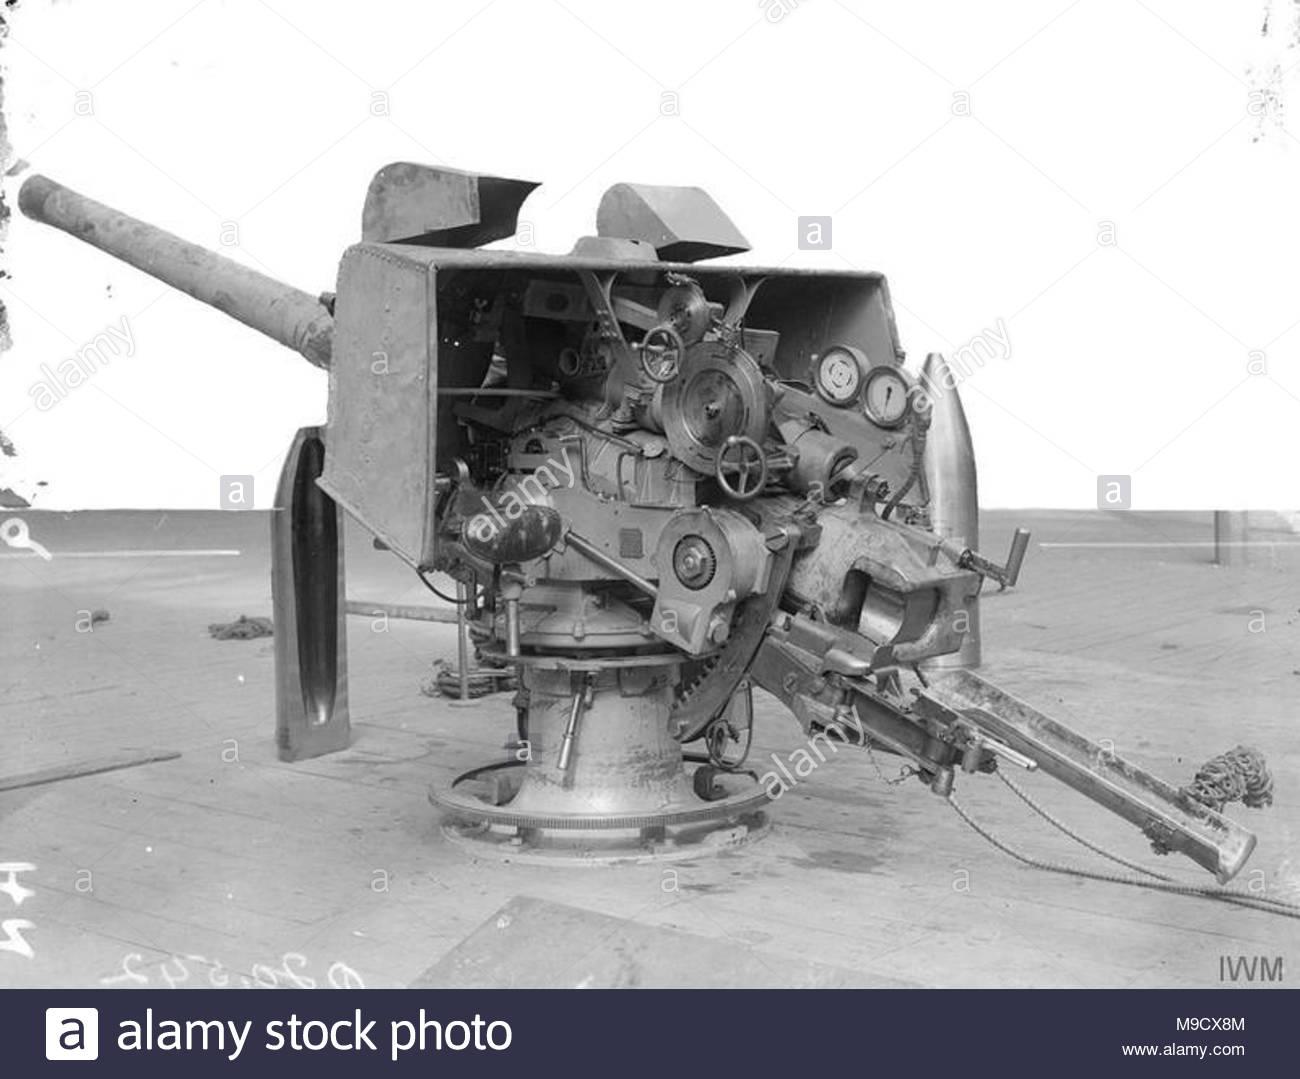 Imperial War Museum Galerien Im Crystal Palace 1920 1924 Die 4 Inch